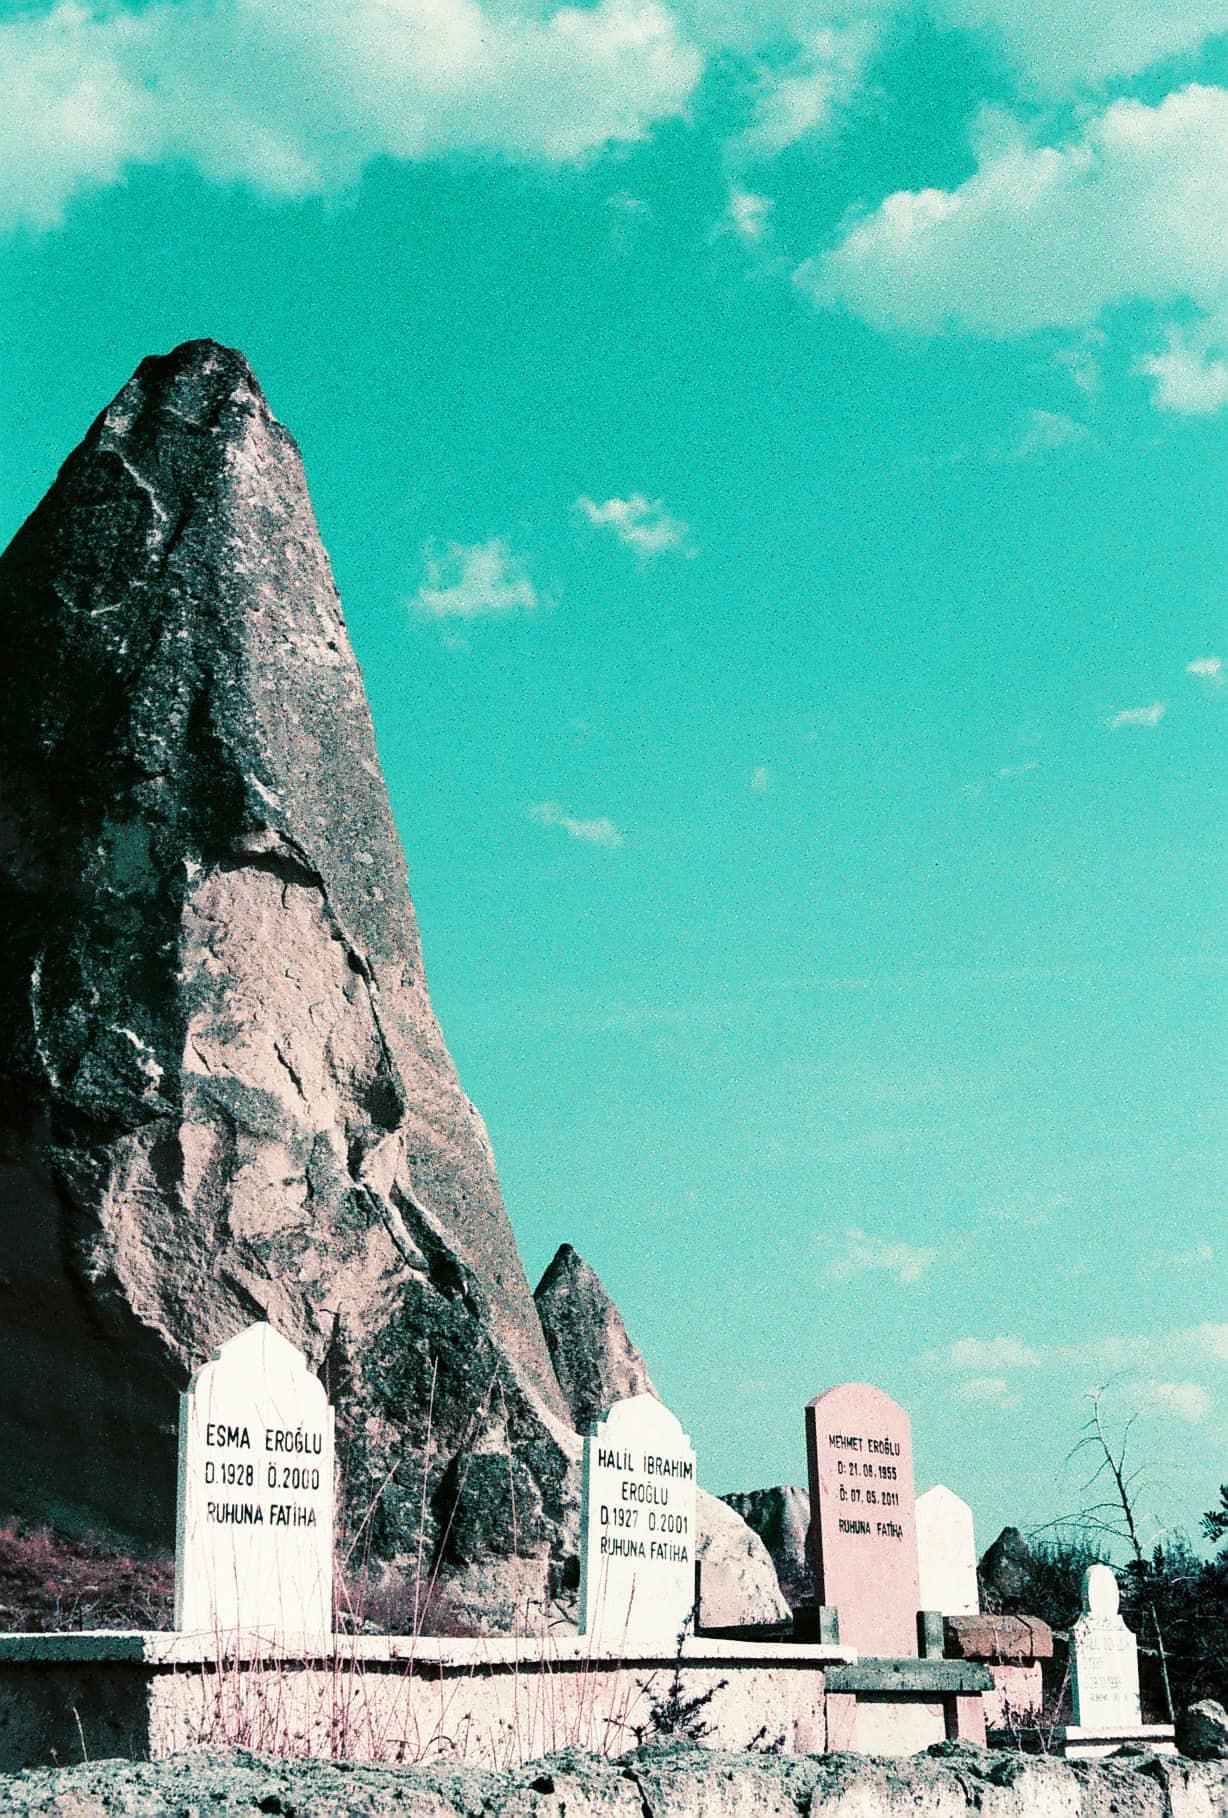 Cavusin graves